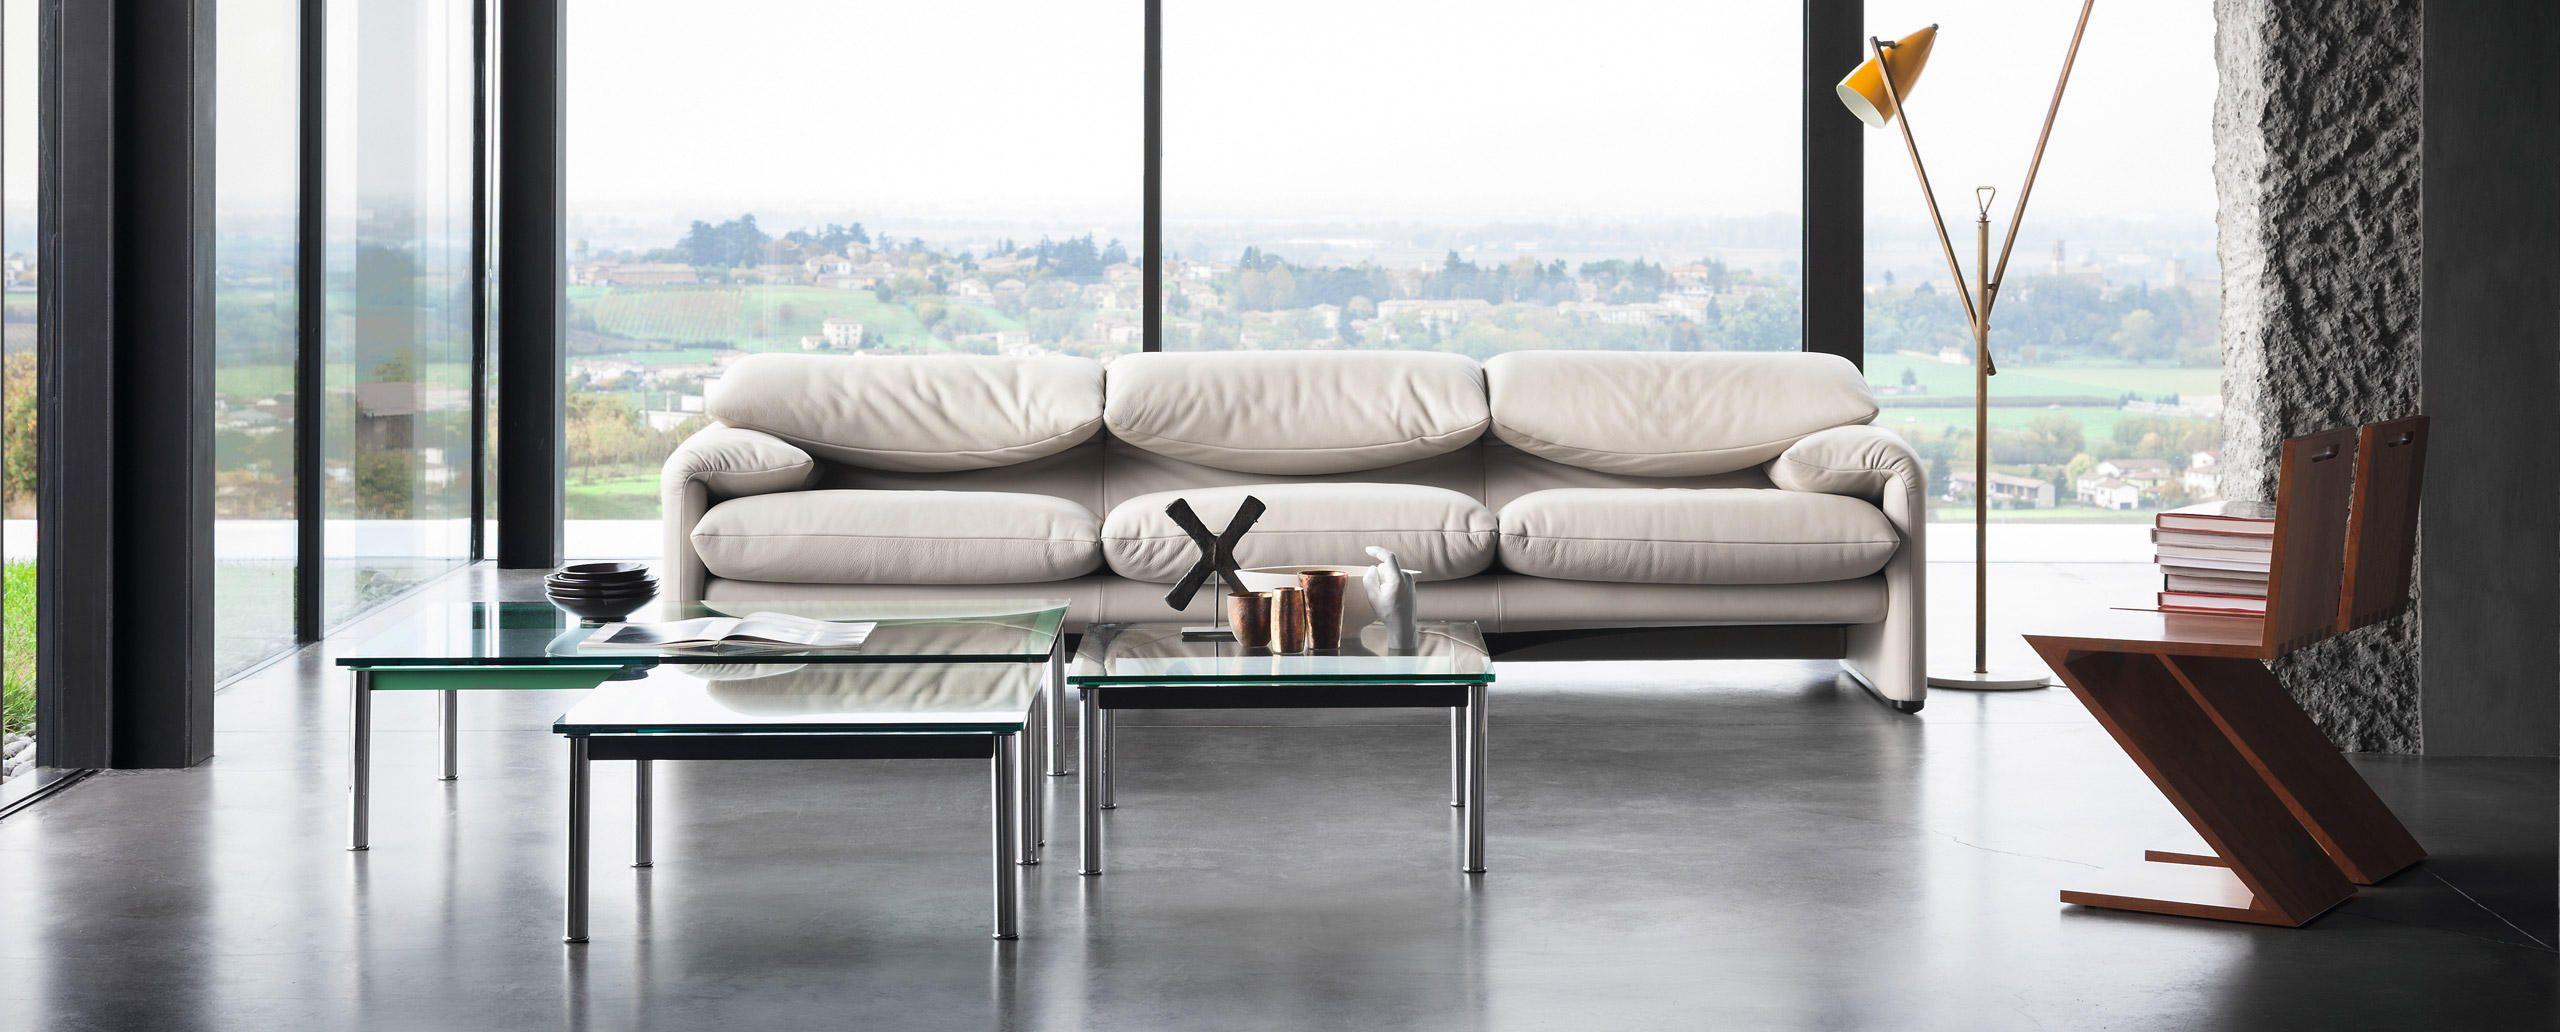 675 Maralunga Italian Sofa Designs Sofa Design Italian Sofa